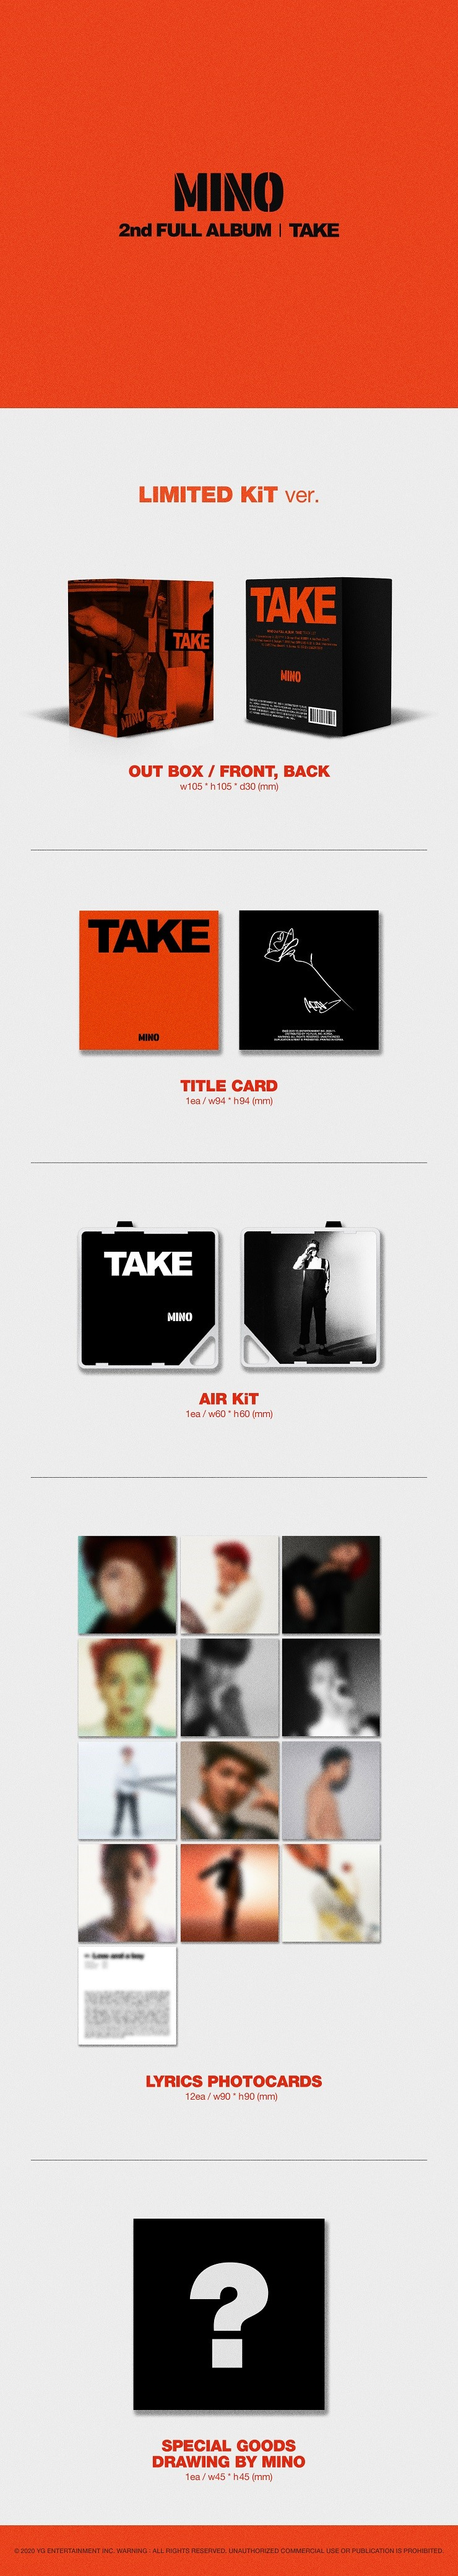 MINO - 2nd FULL ALBUM 'TAKE' [LIMITED KiT Ver.]